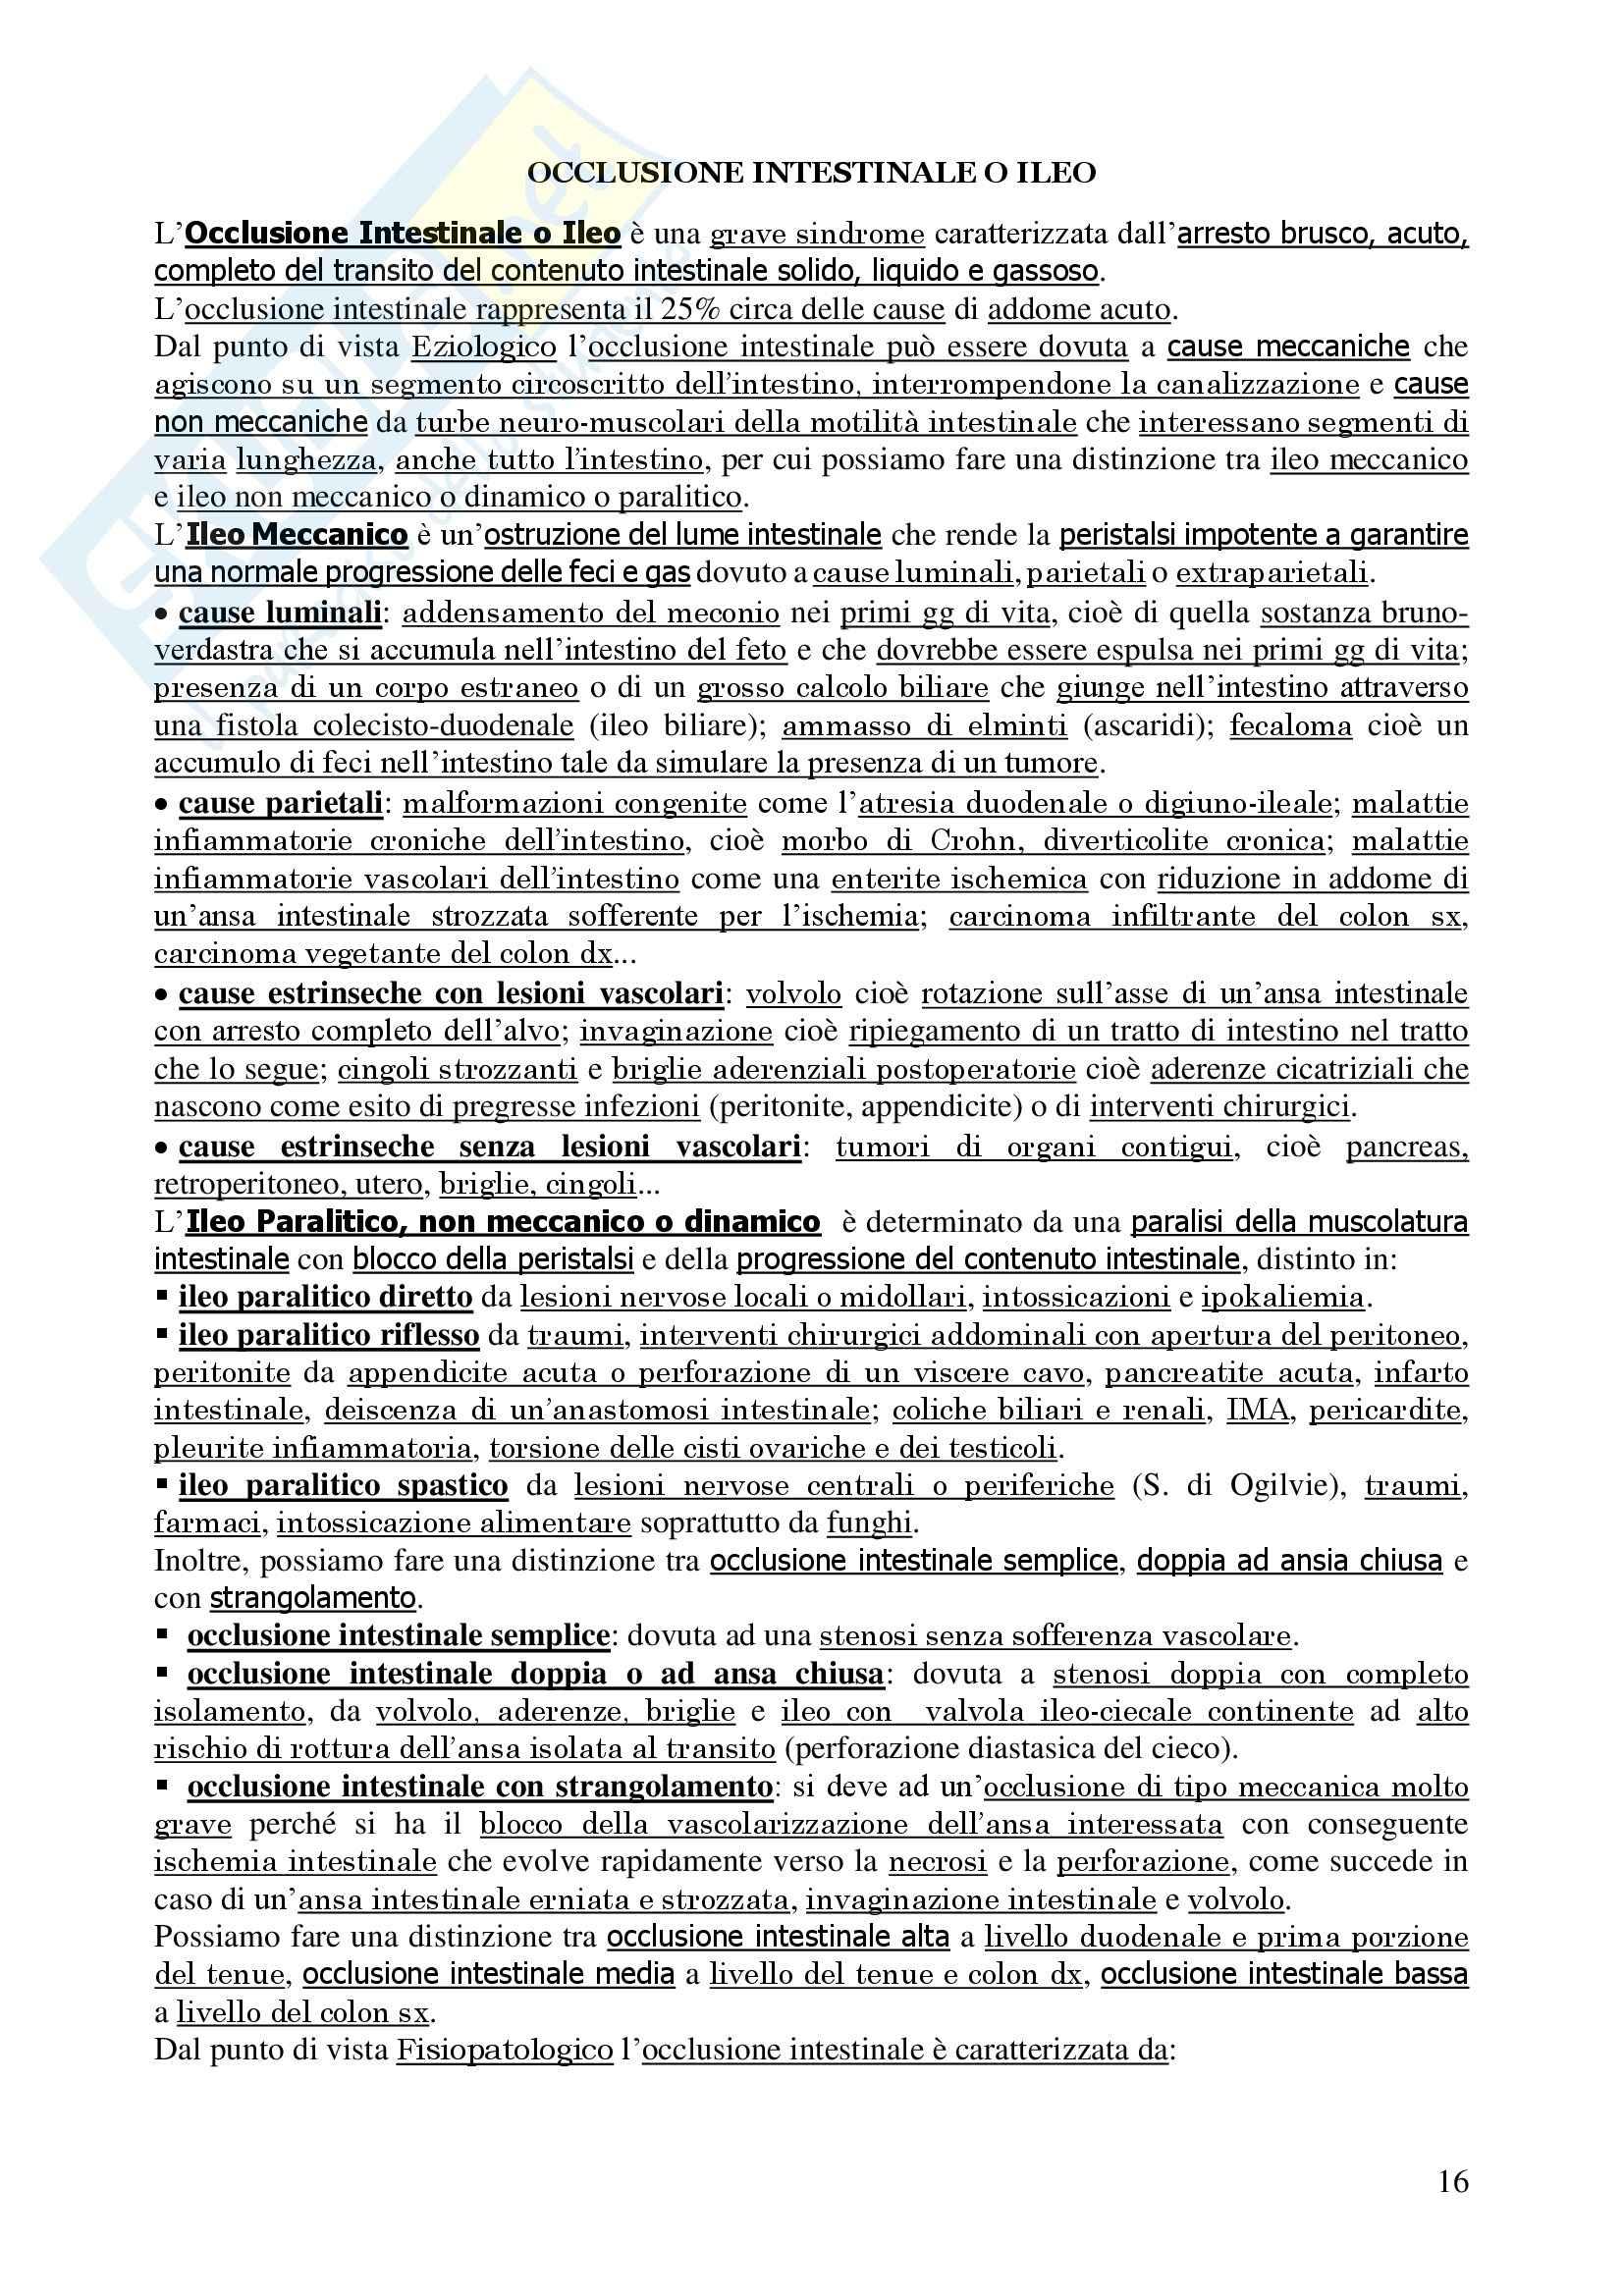 Chirurgia - chirurgia generale - Appunti Pag. 16